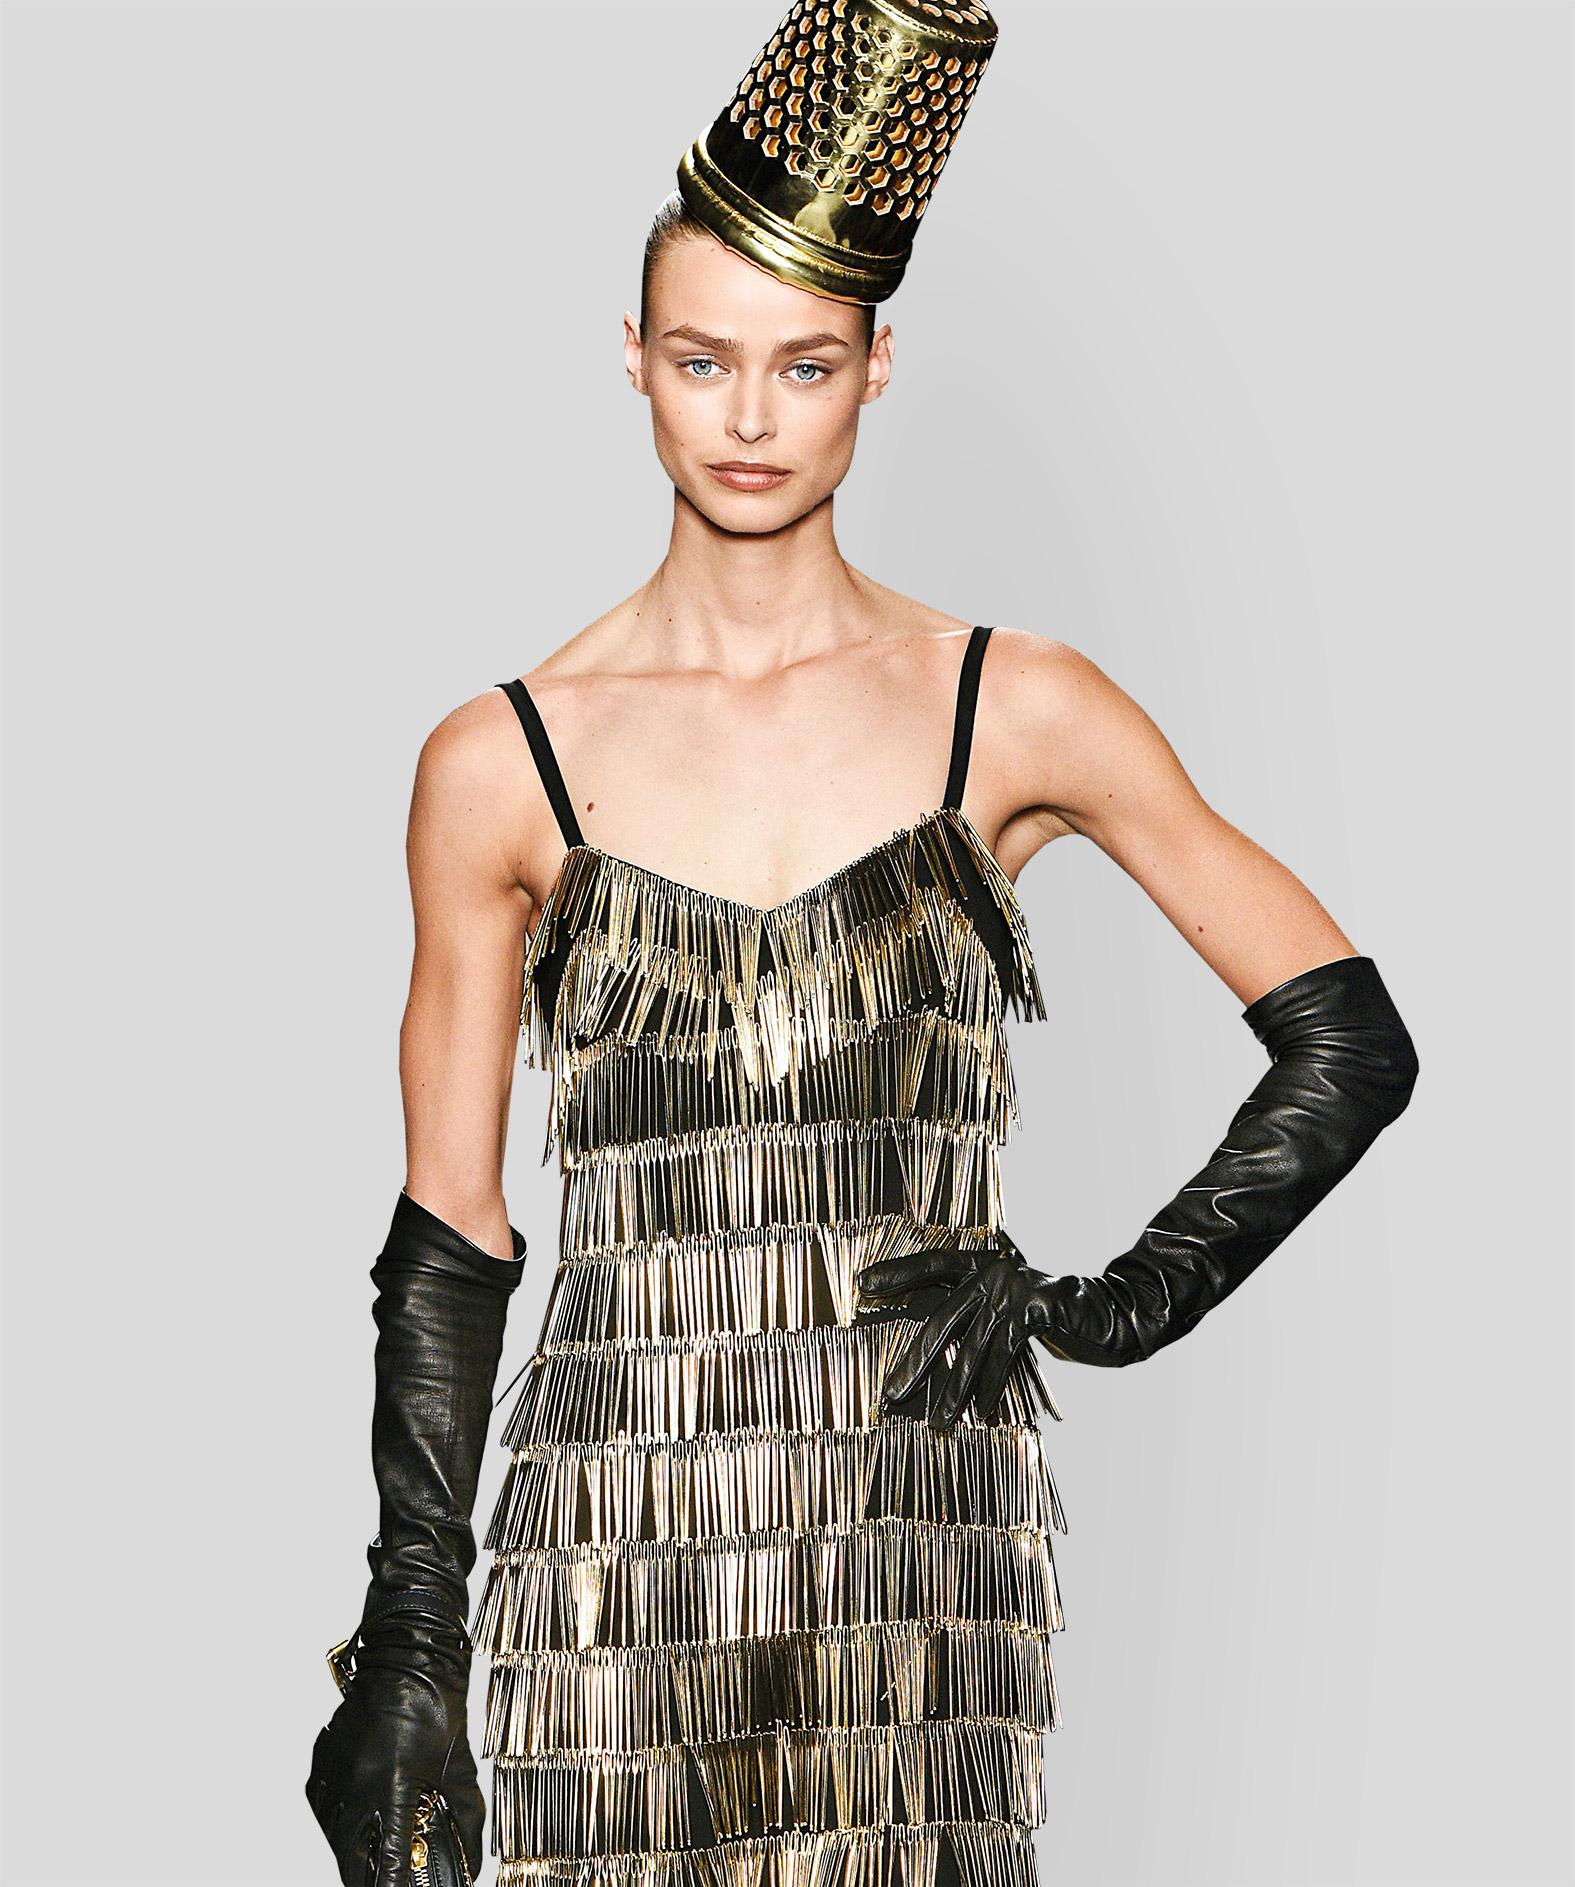 Modell von Moschino auf dem Laufsteg, mit Fingerhut aus dem Kopf und Kleid aus Nadeln.